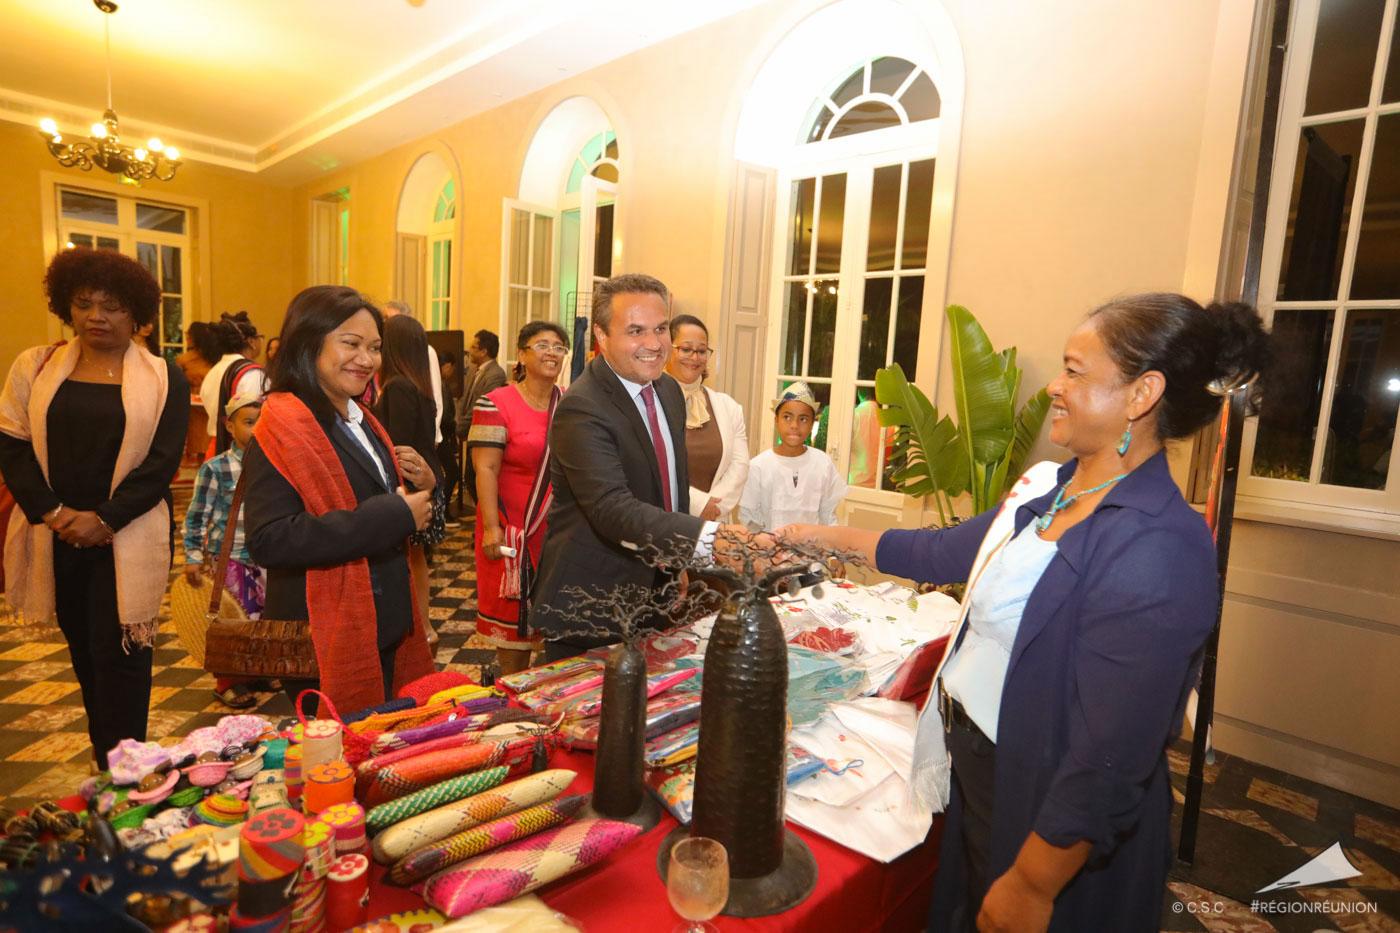 La Région Réunion célèbre Fety Gasy avec toute la communauté malgache de La Réunion